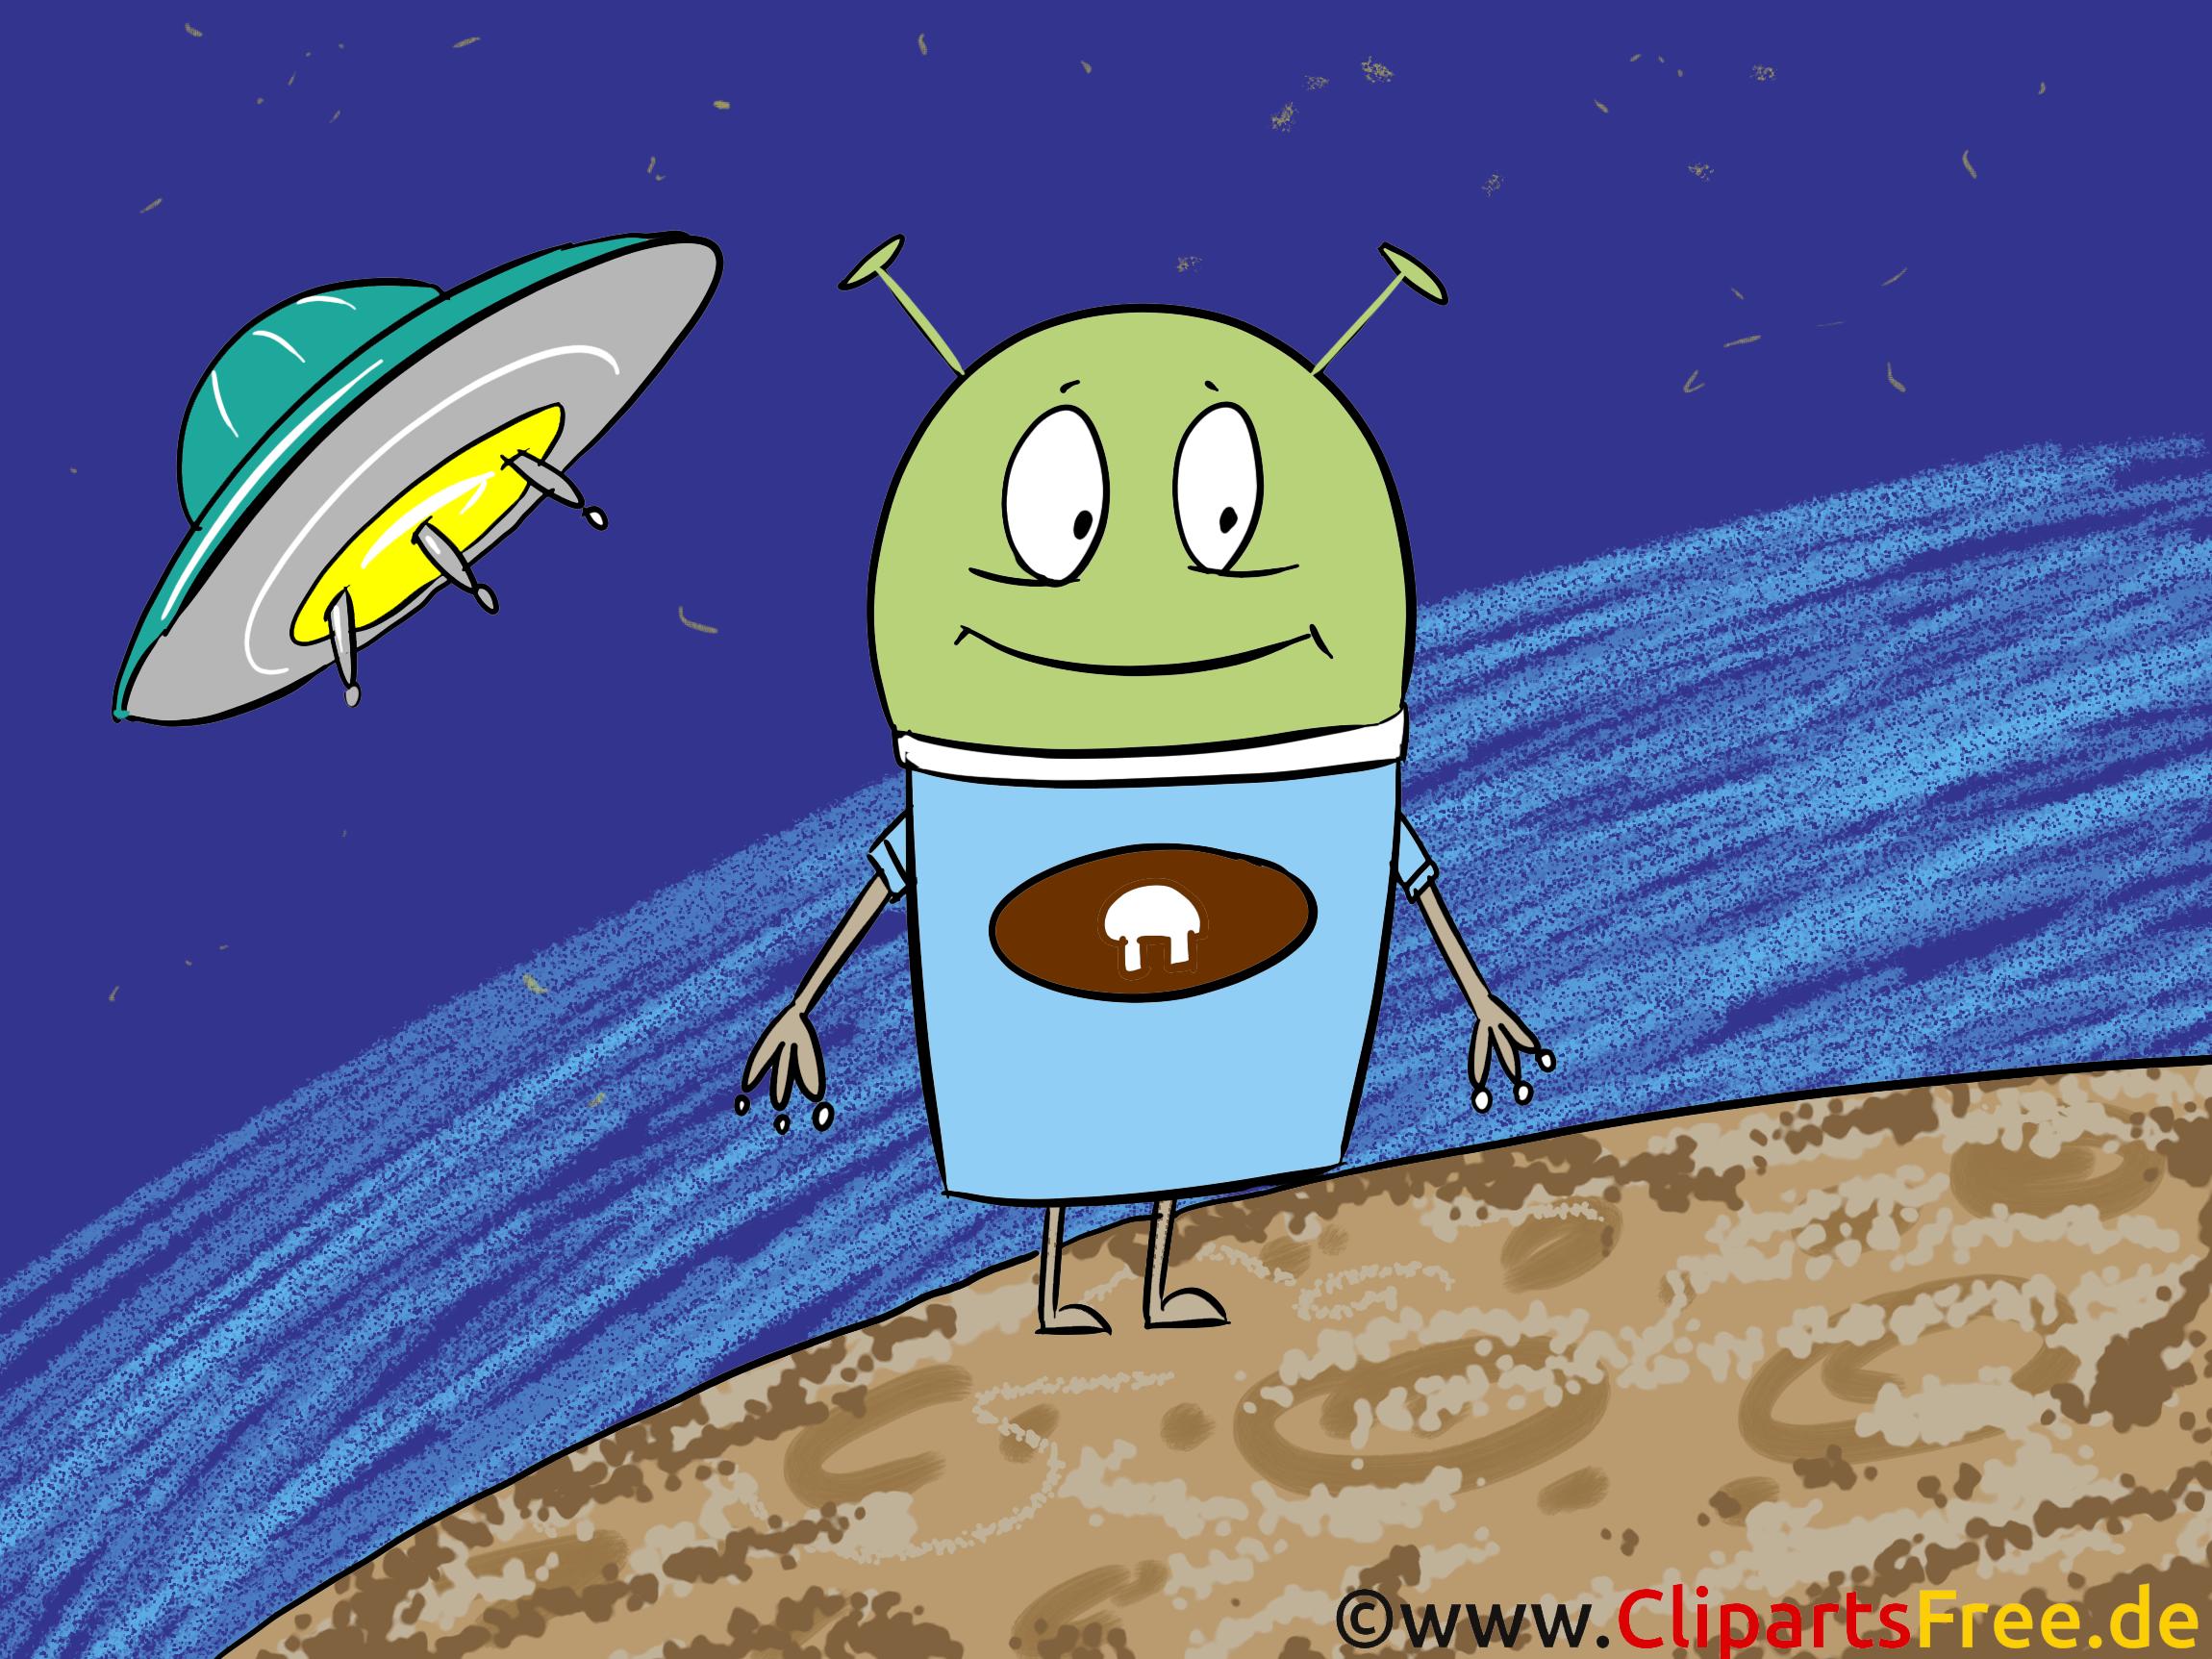 Cosmos fonds d'écran dessin gratuit